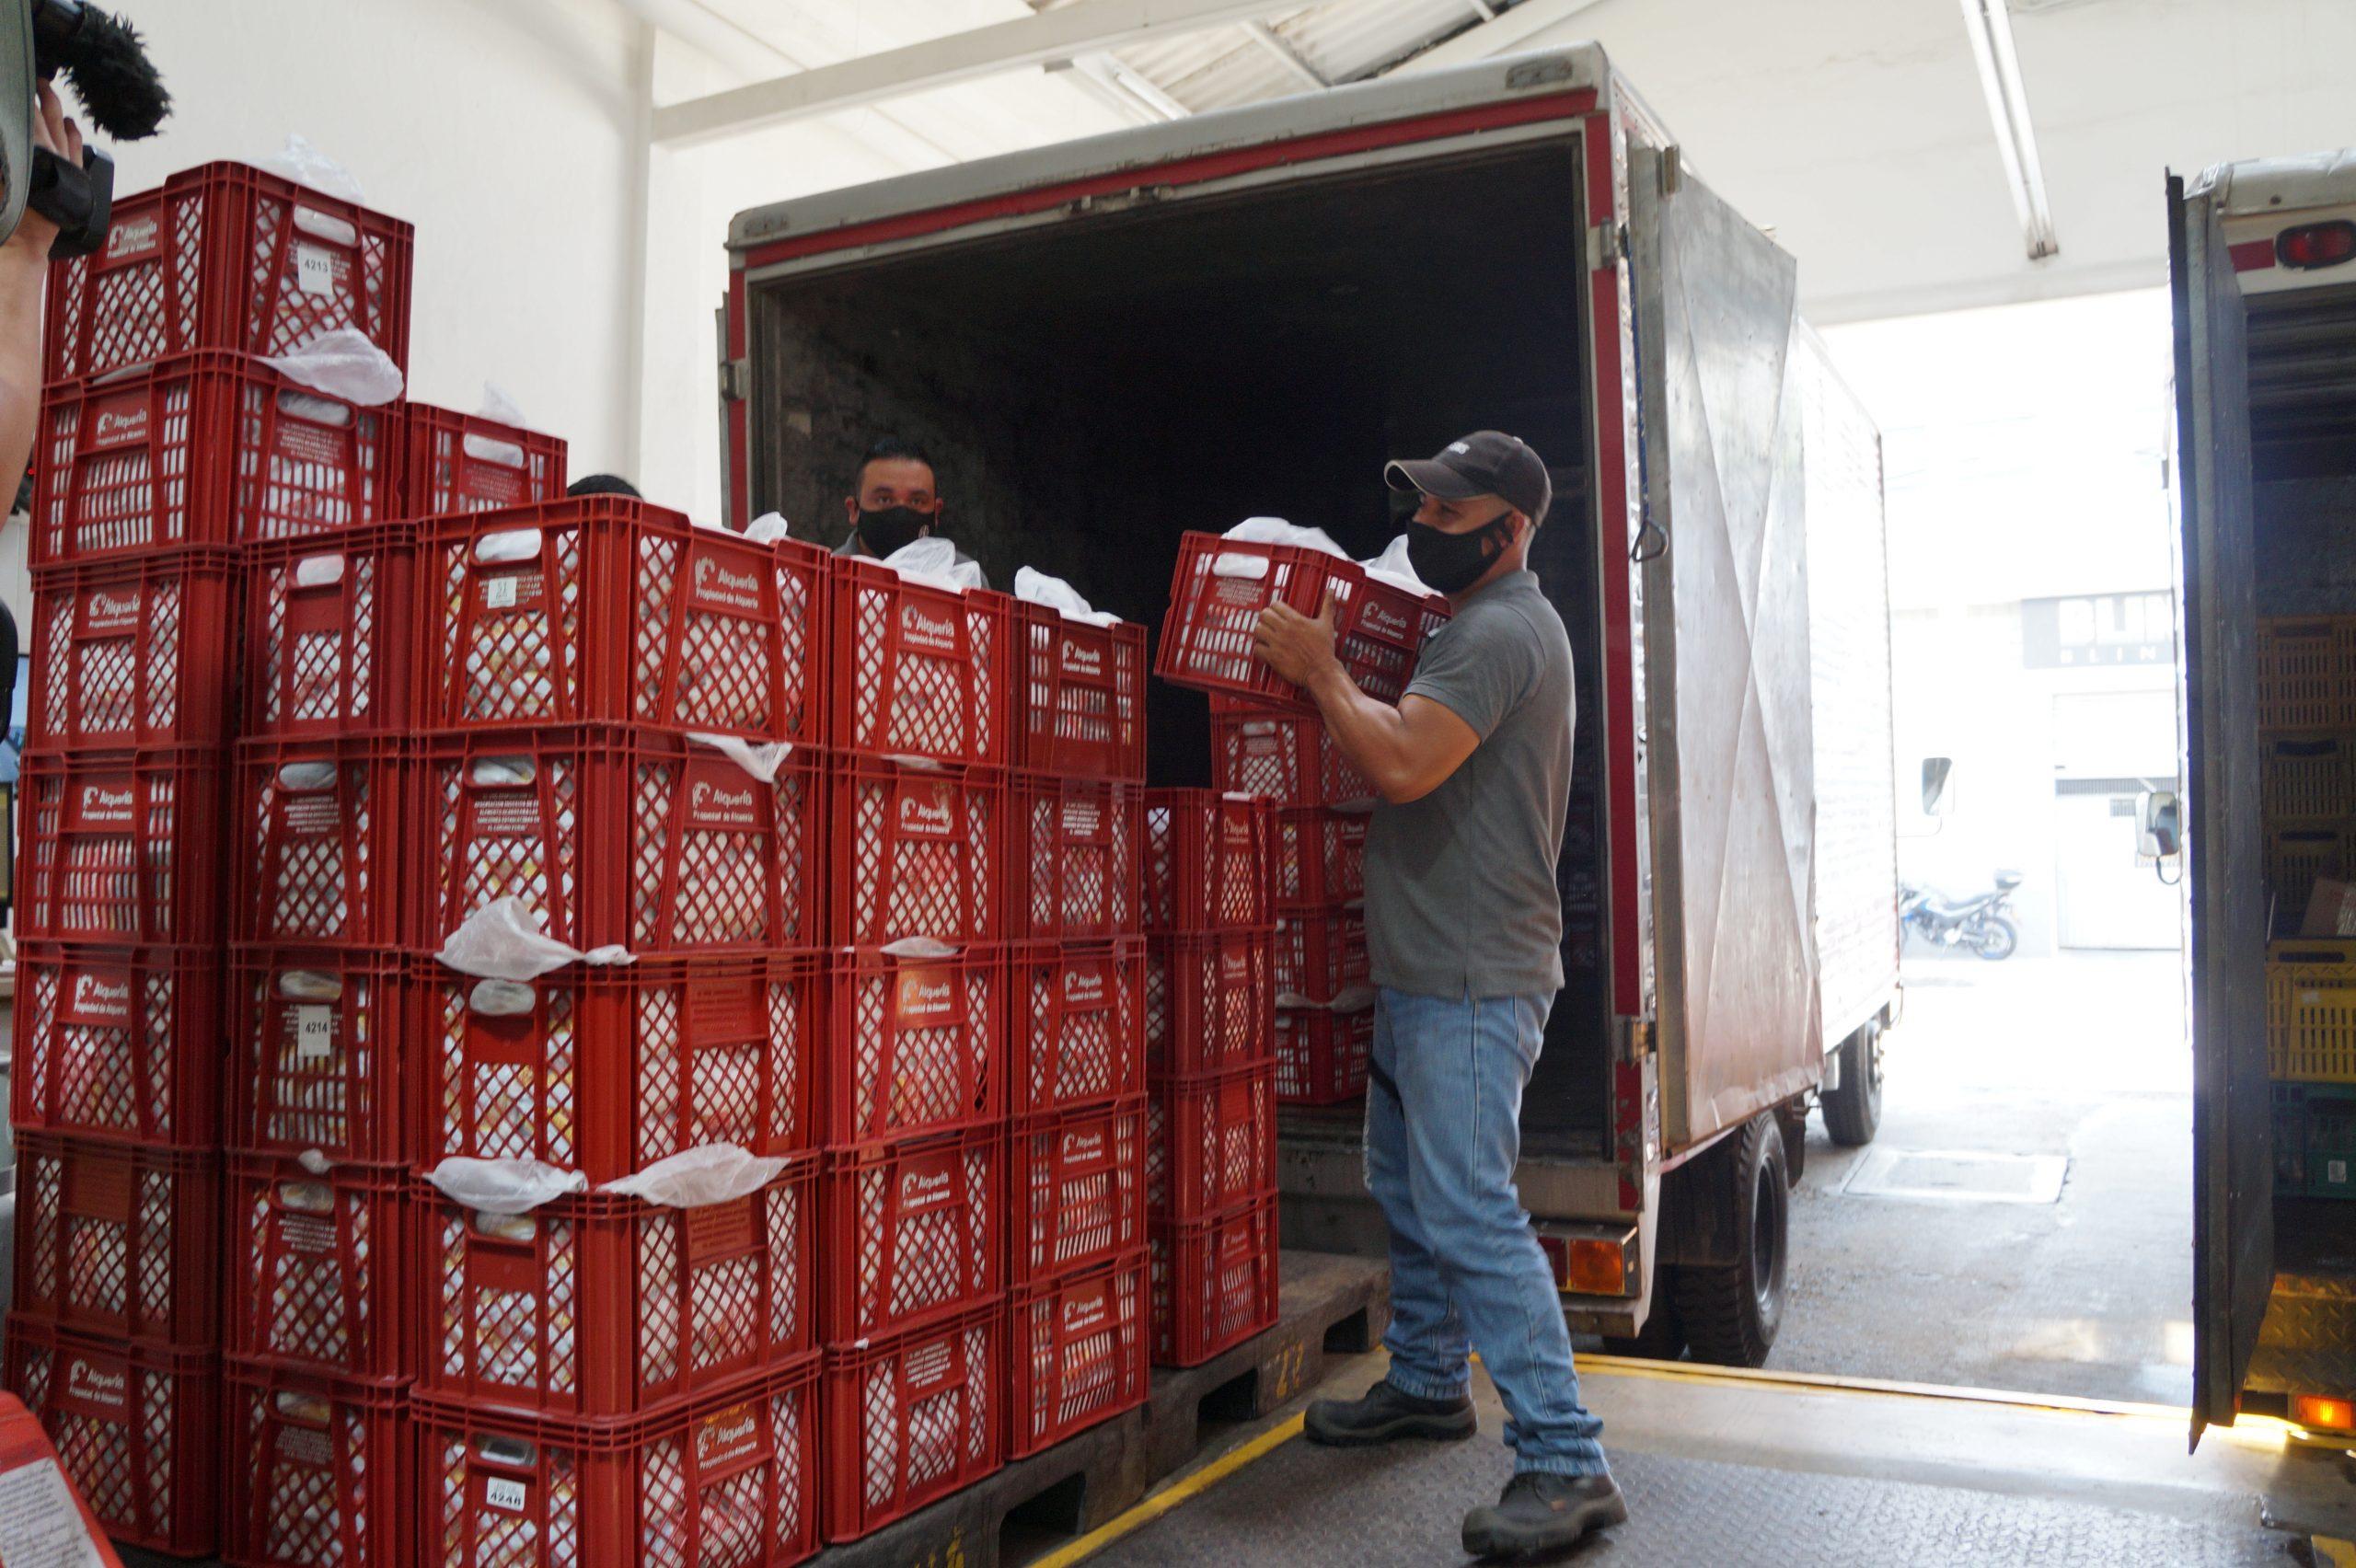 Empresa privada Alquería continúa aportando donaciones a nuestra campaña #UnidosPodemosMás